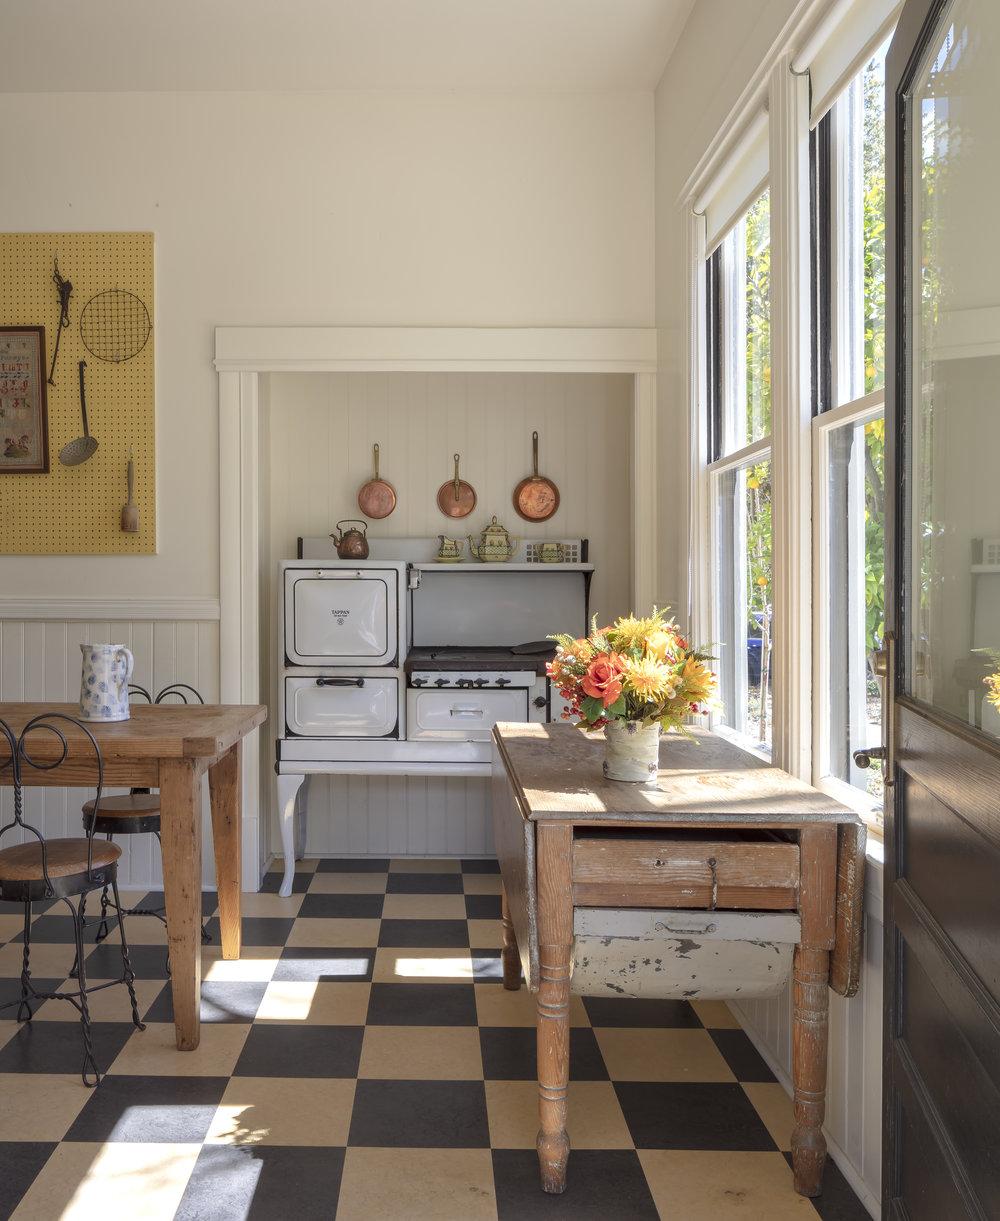 06_kitchen_02.JPG